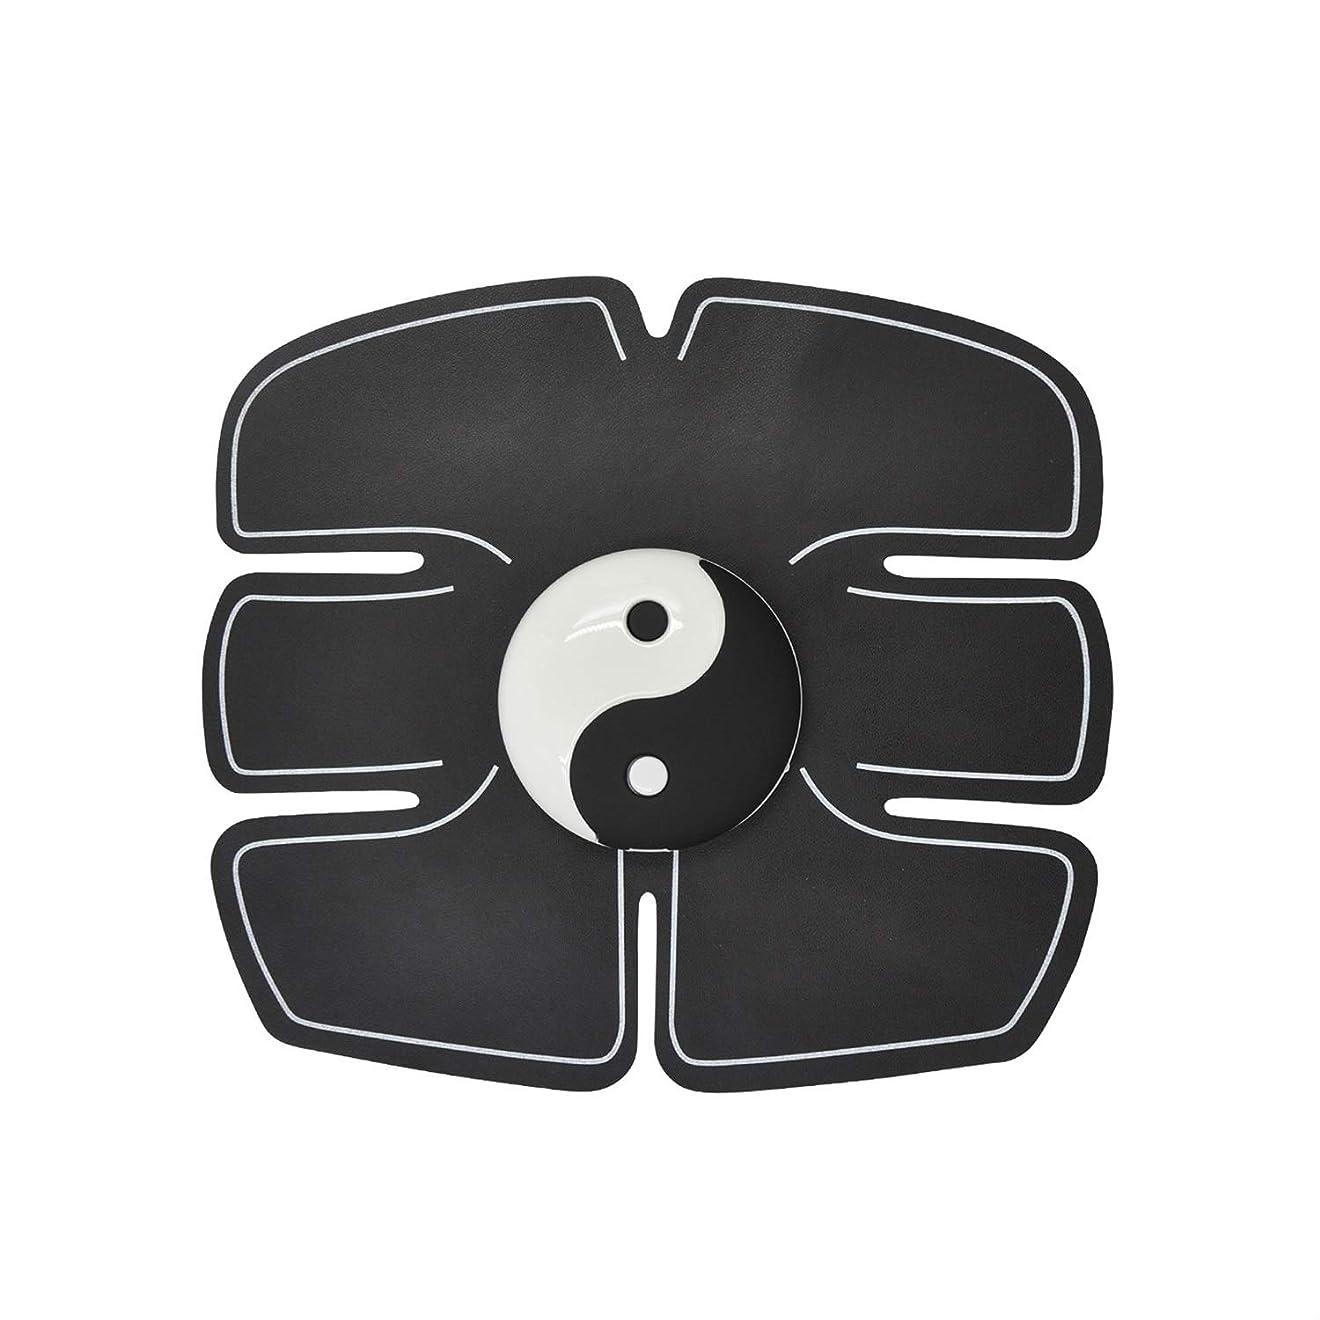 不利益ドラマ不明瞭Ems筋肉刺激装置、腹部筋肉トナー腹筋トレーナーフィットネストレーニングギアabsフィット重量筋肉トレーニング調色ジムトレーニングマシン用男性&女性 (Size : Abdominal stickers)